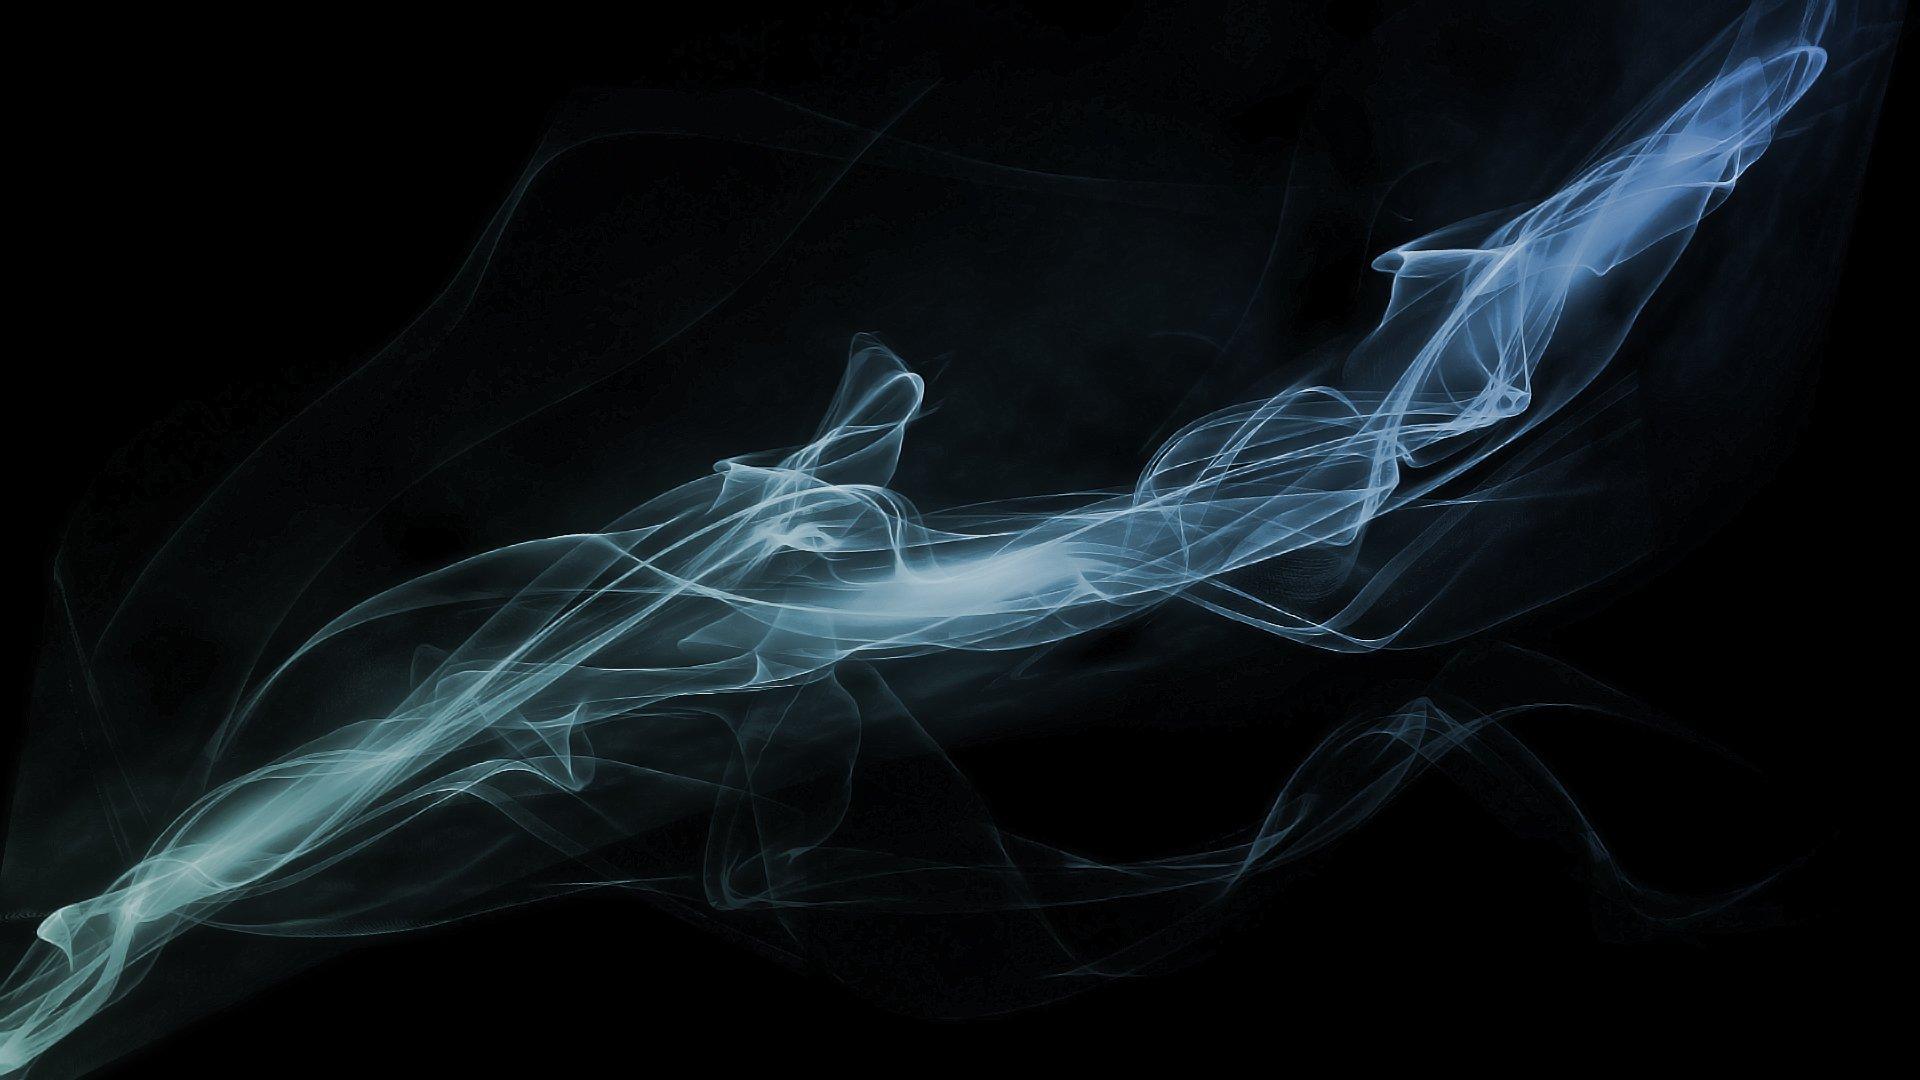 Картинка из дыма на черном фоне